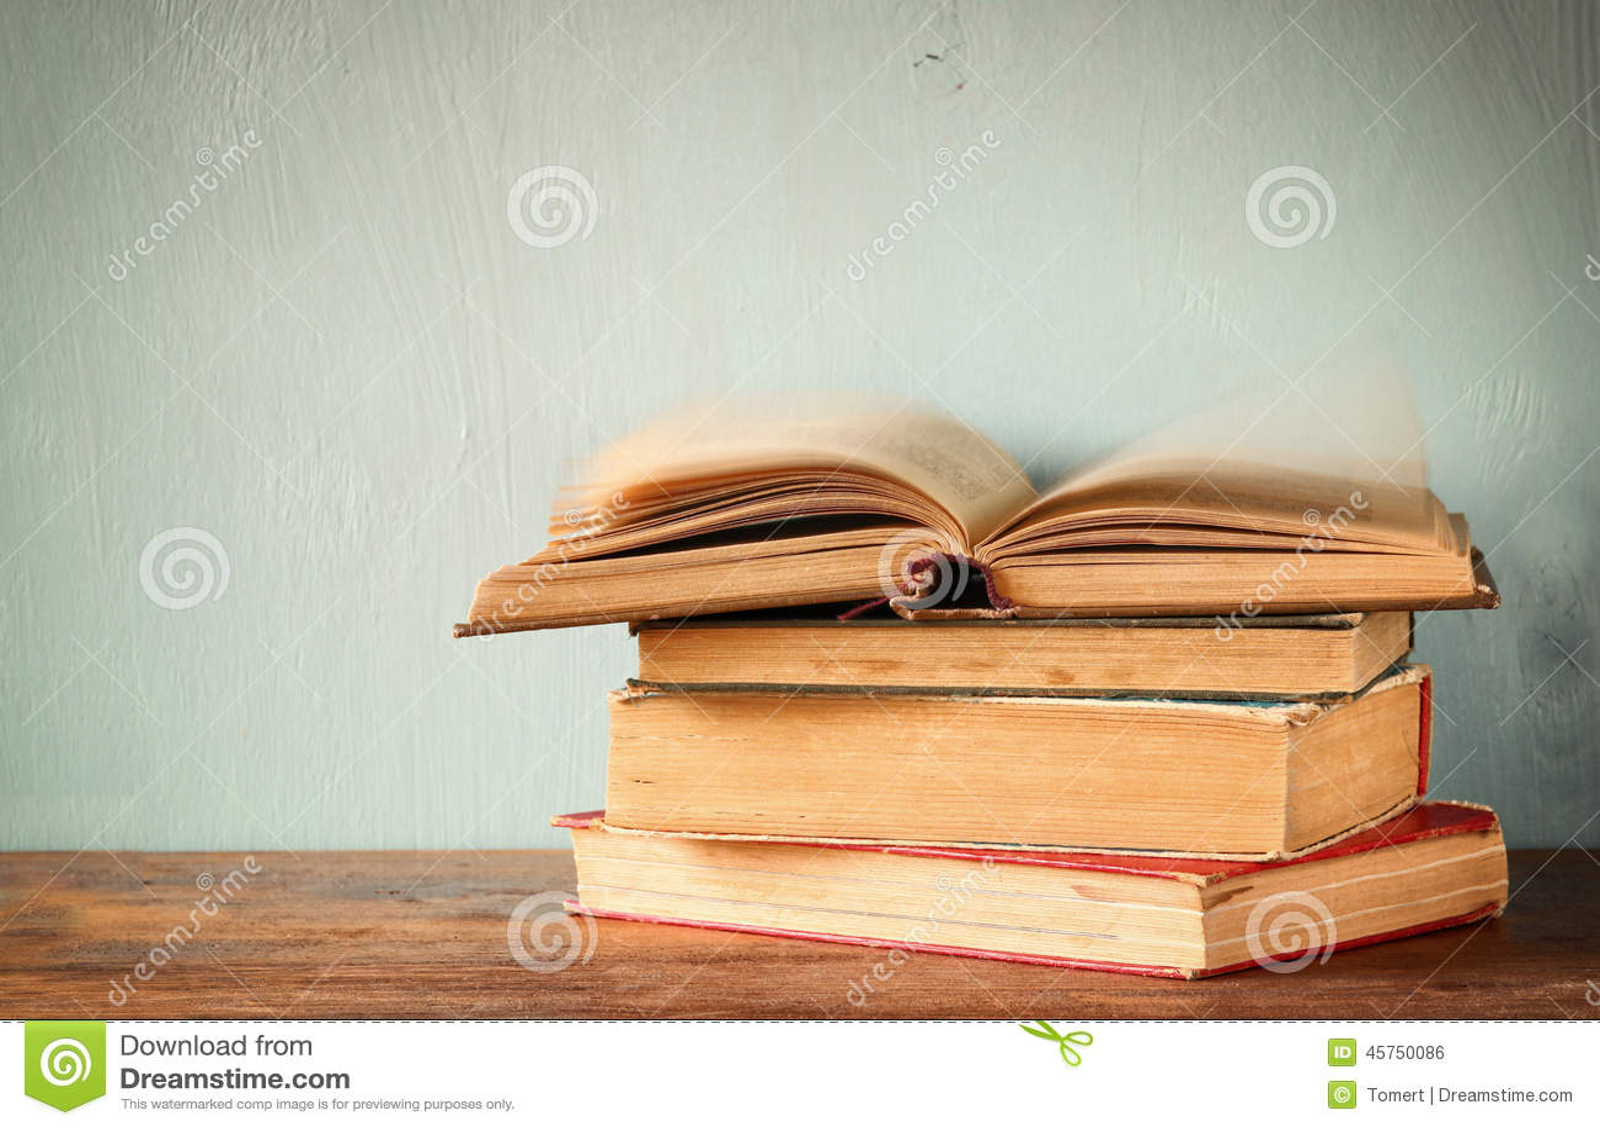 Vecchi libri su una tavola di legno retro immagine filtrata